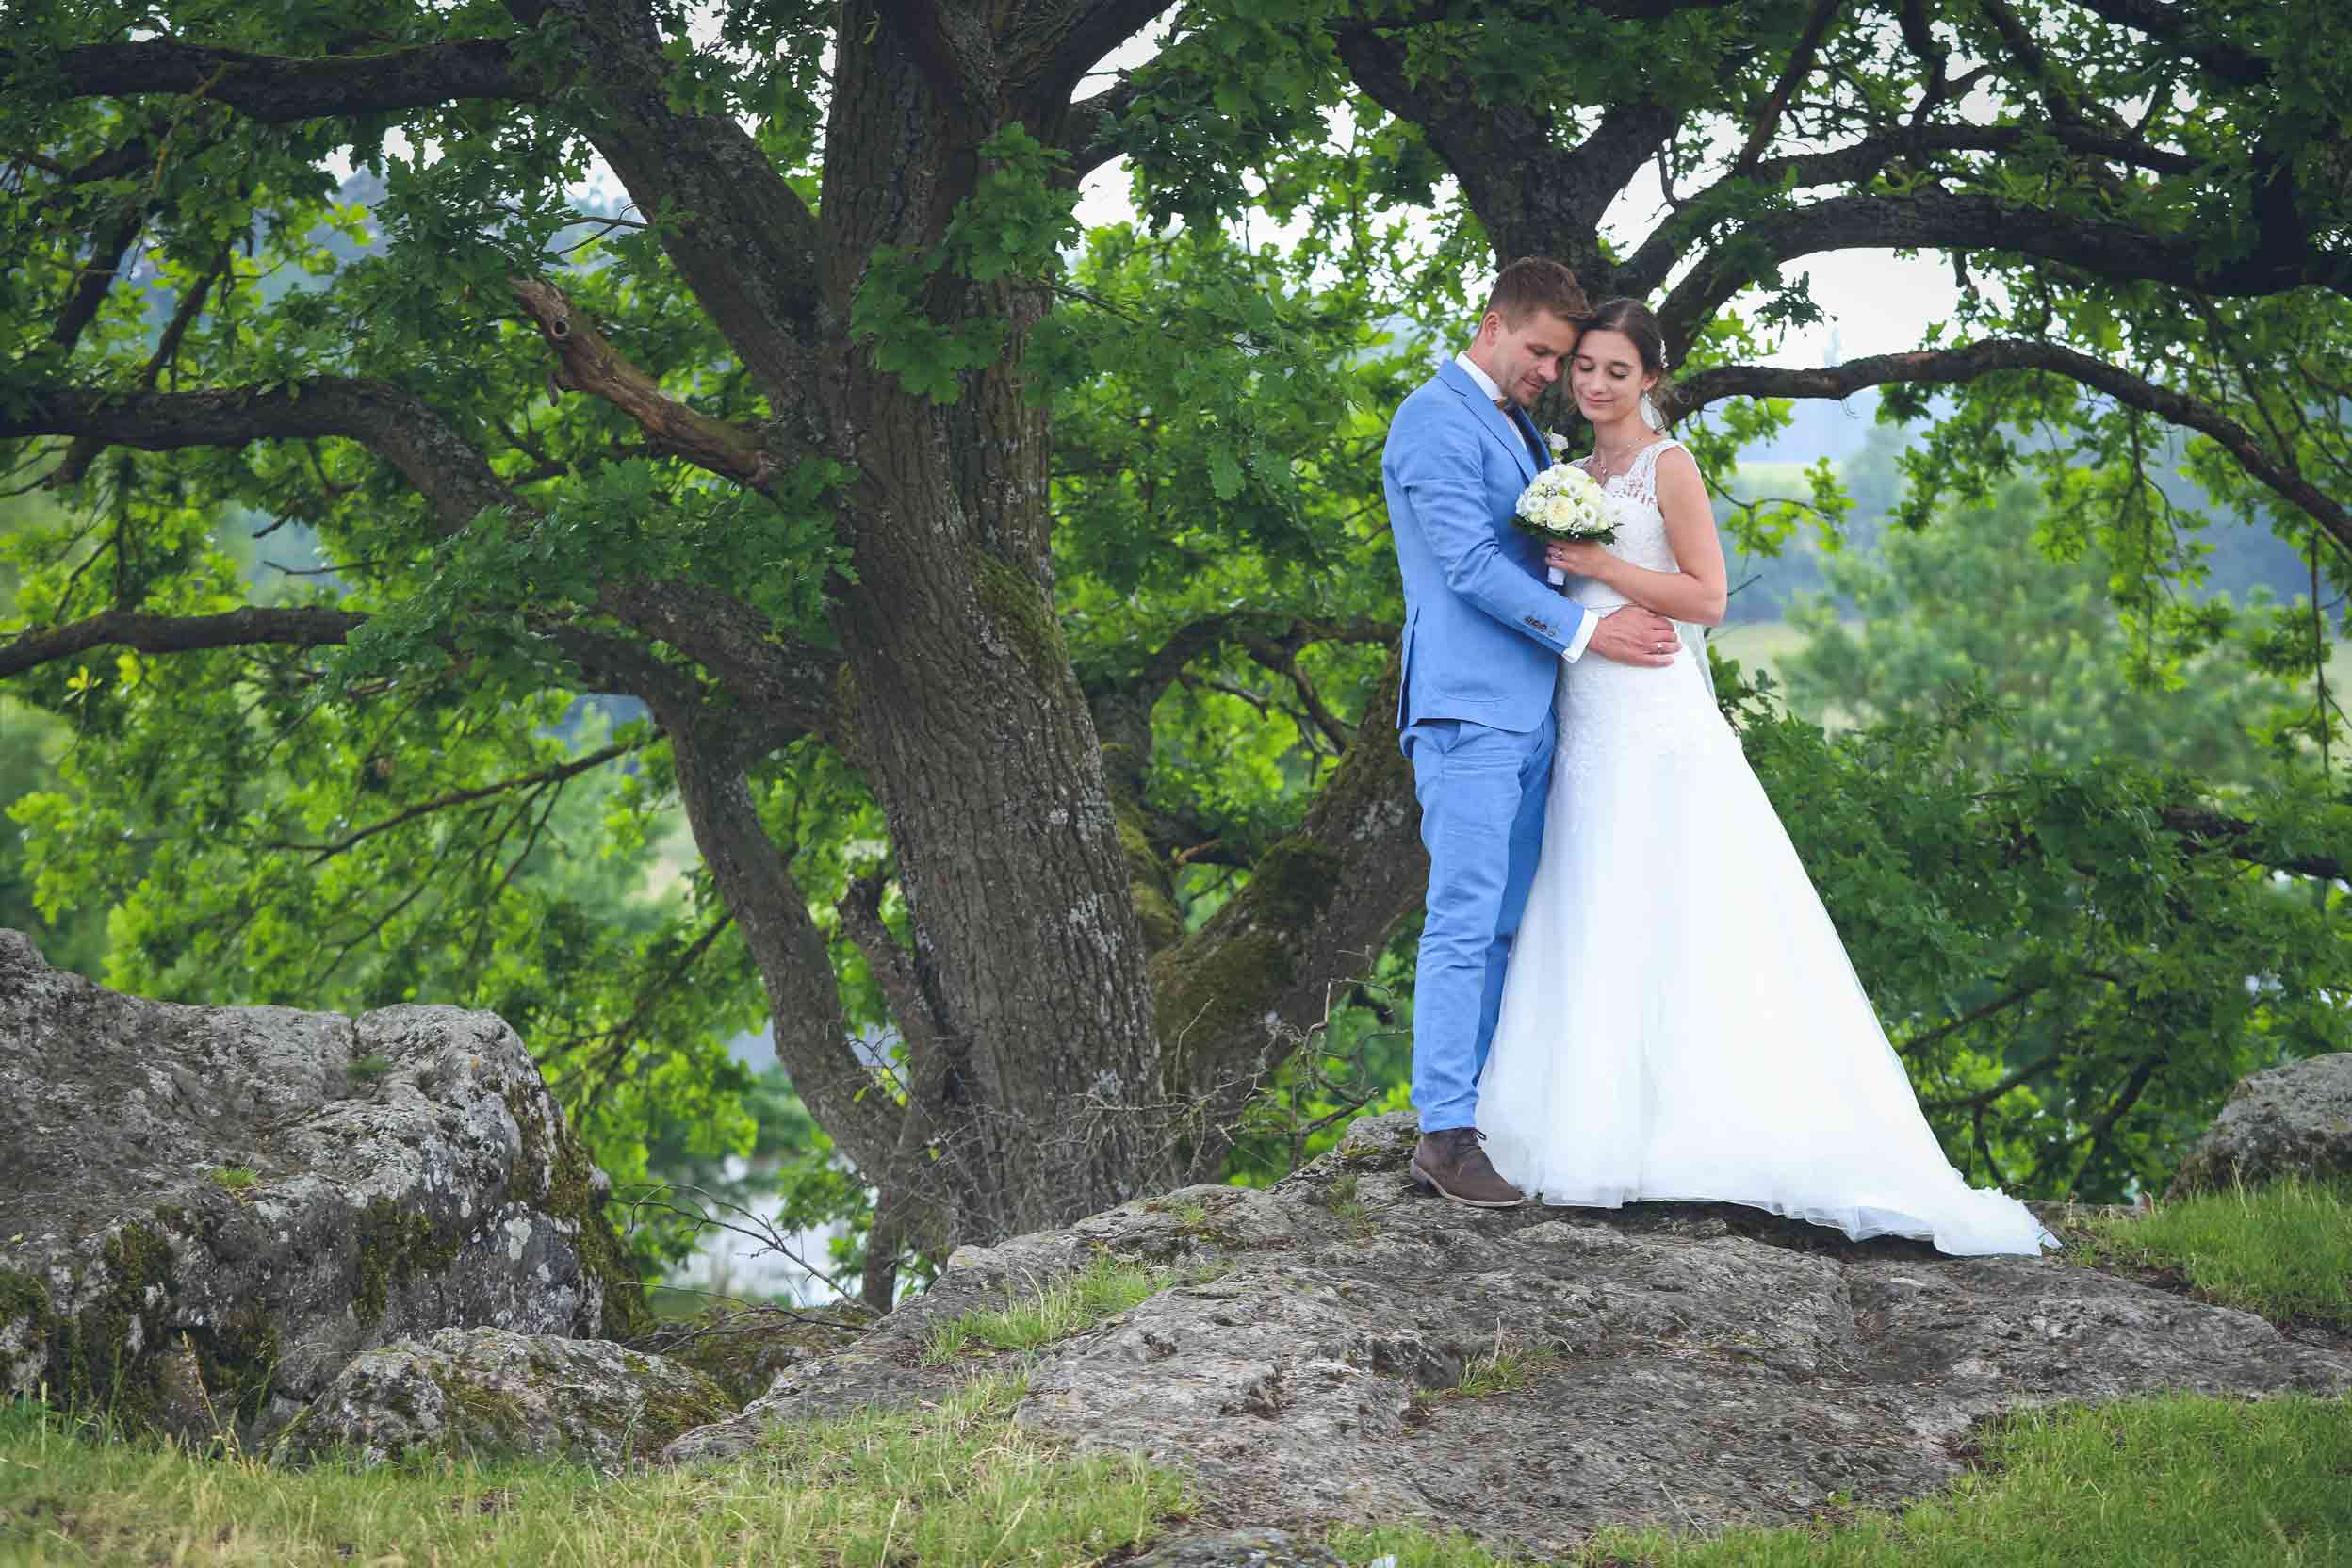 Hochzeit und Paare IMG 9014w